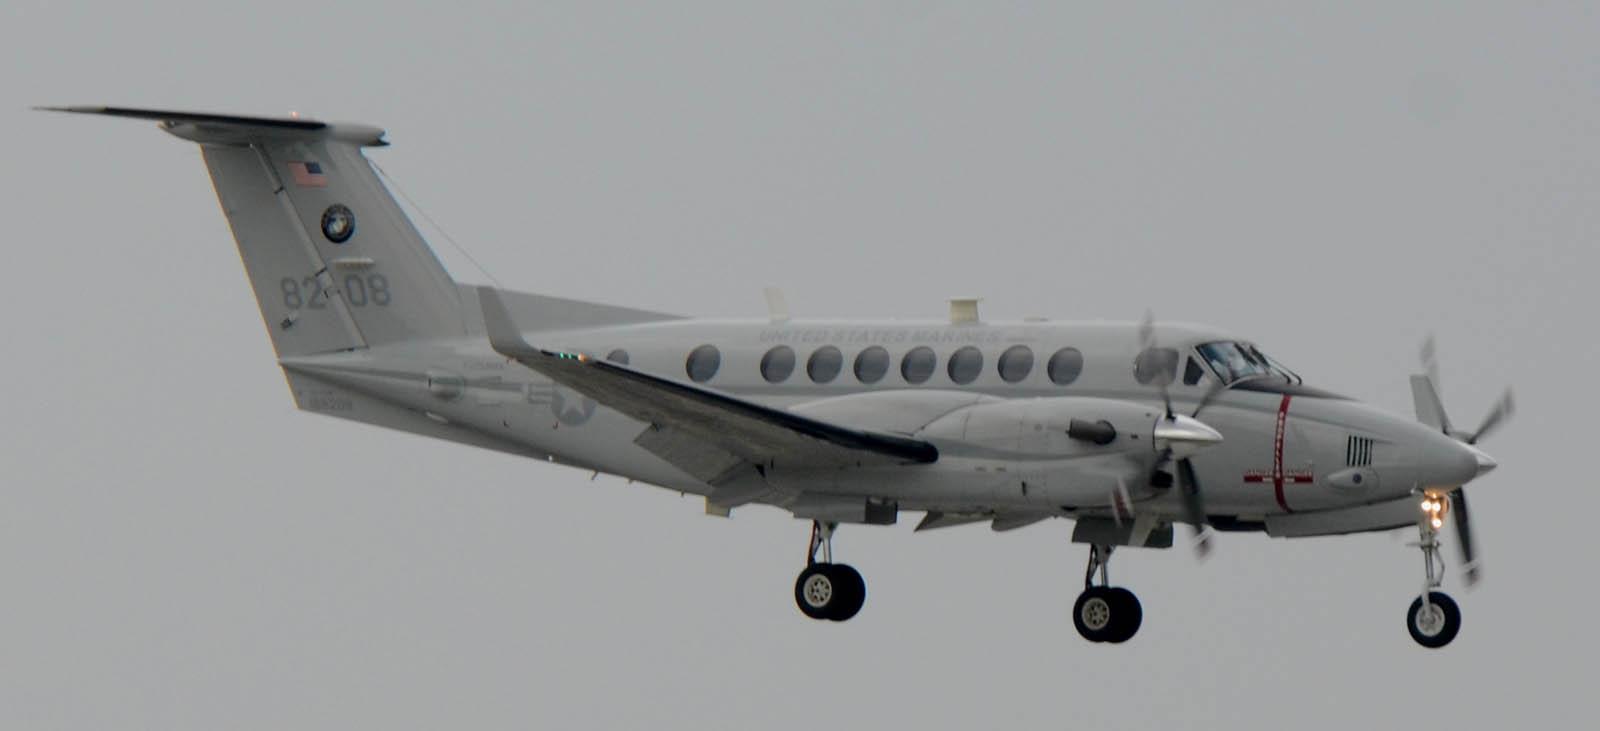 Uc12w130727g470